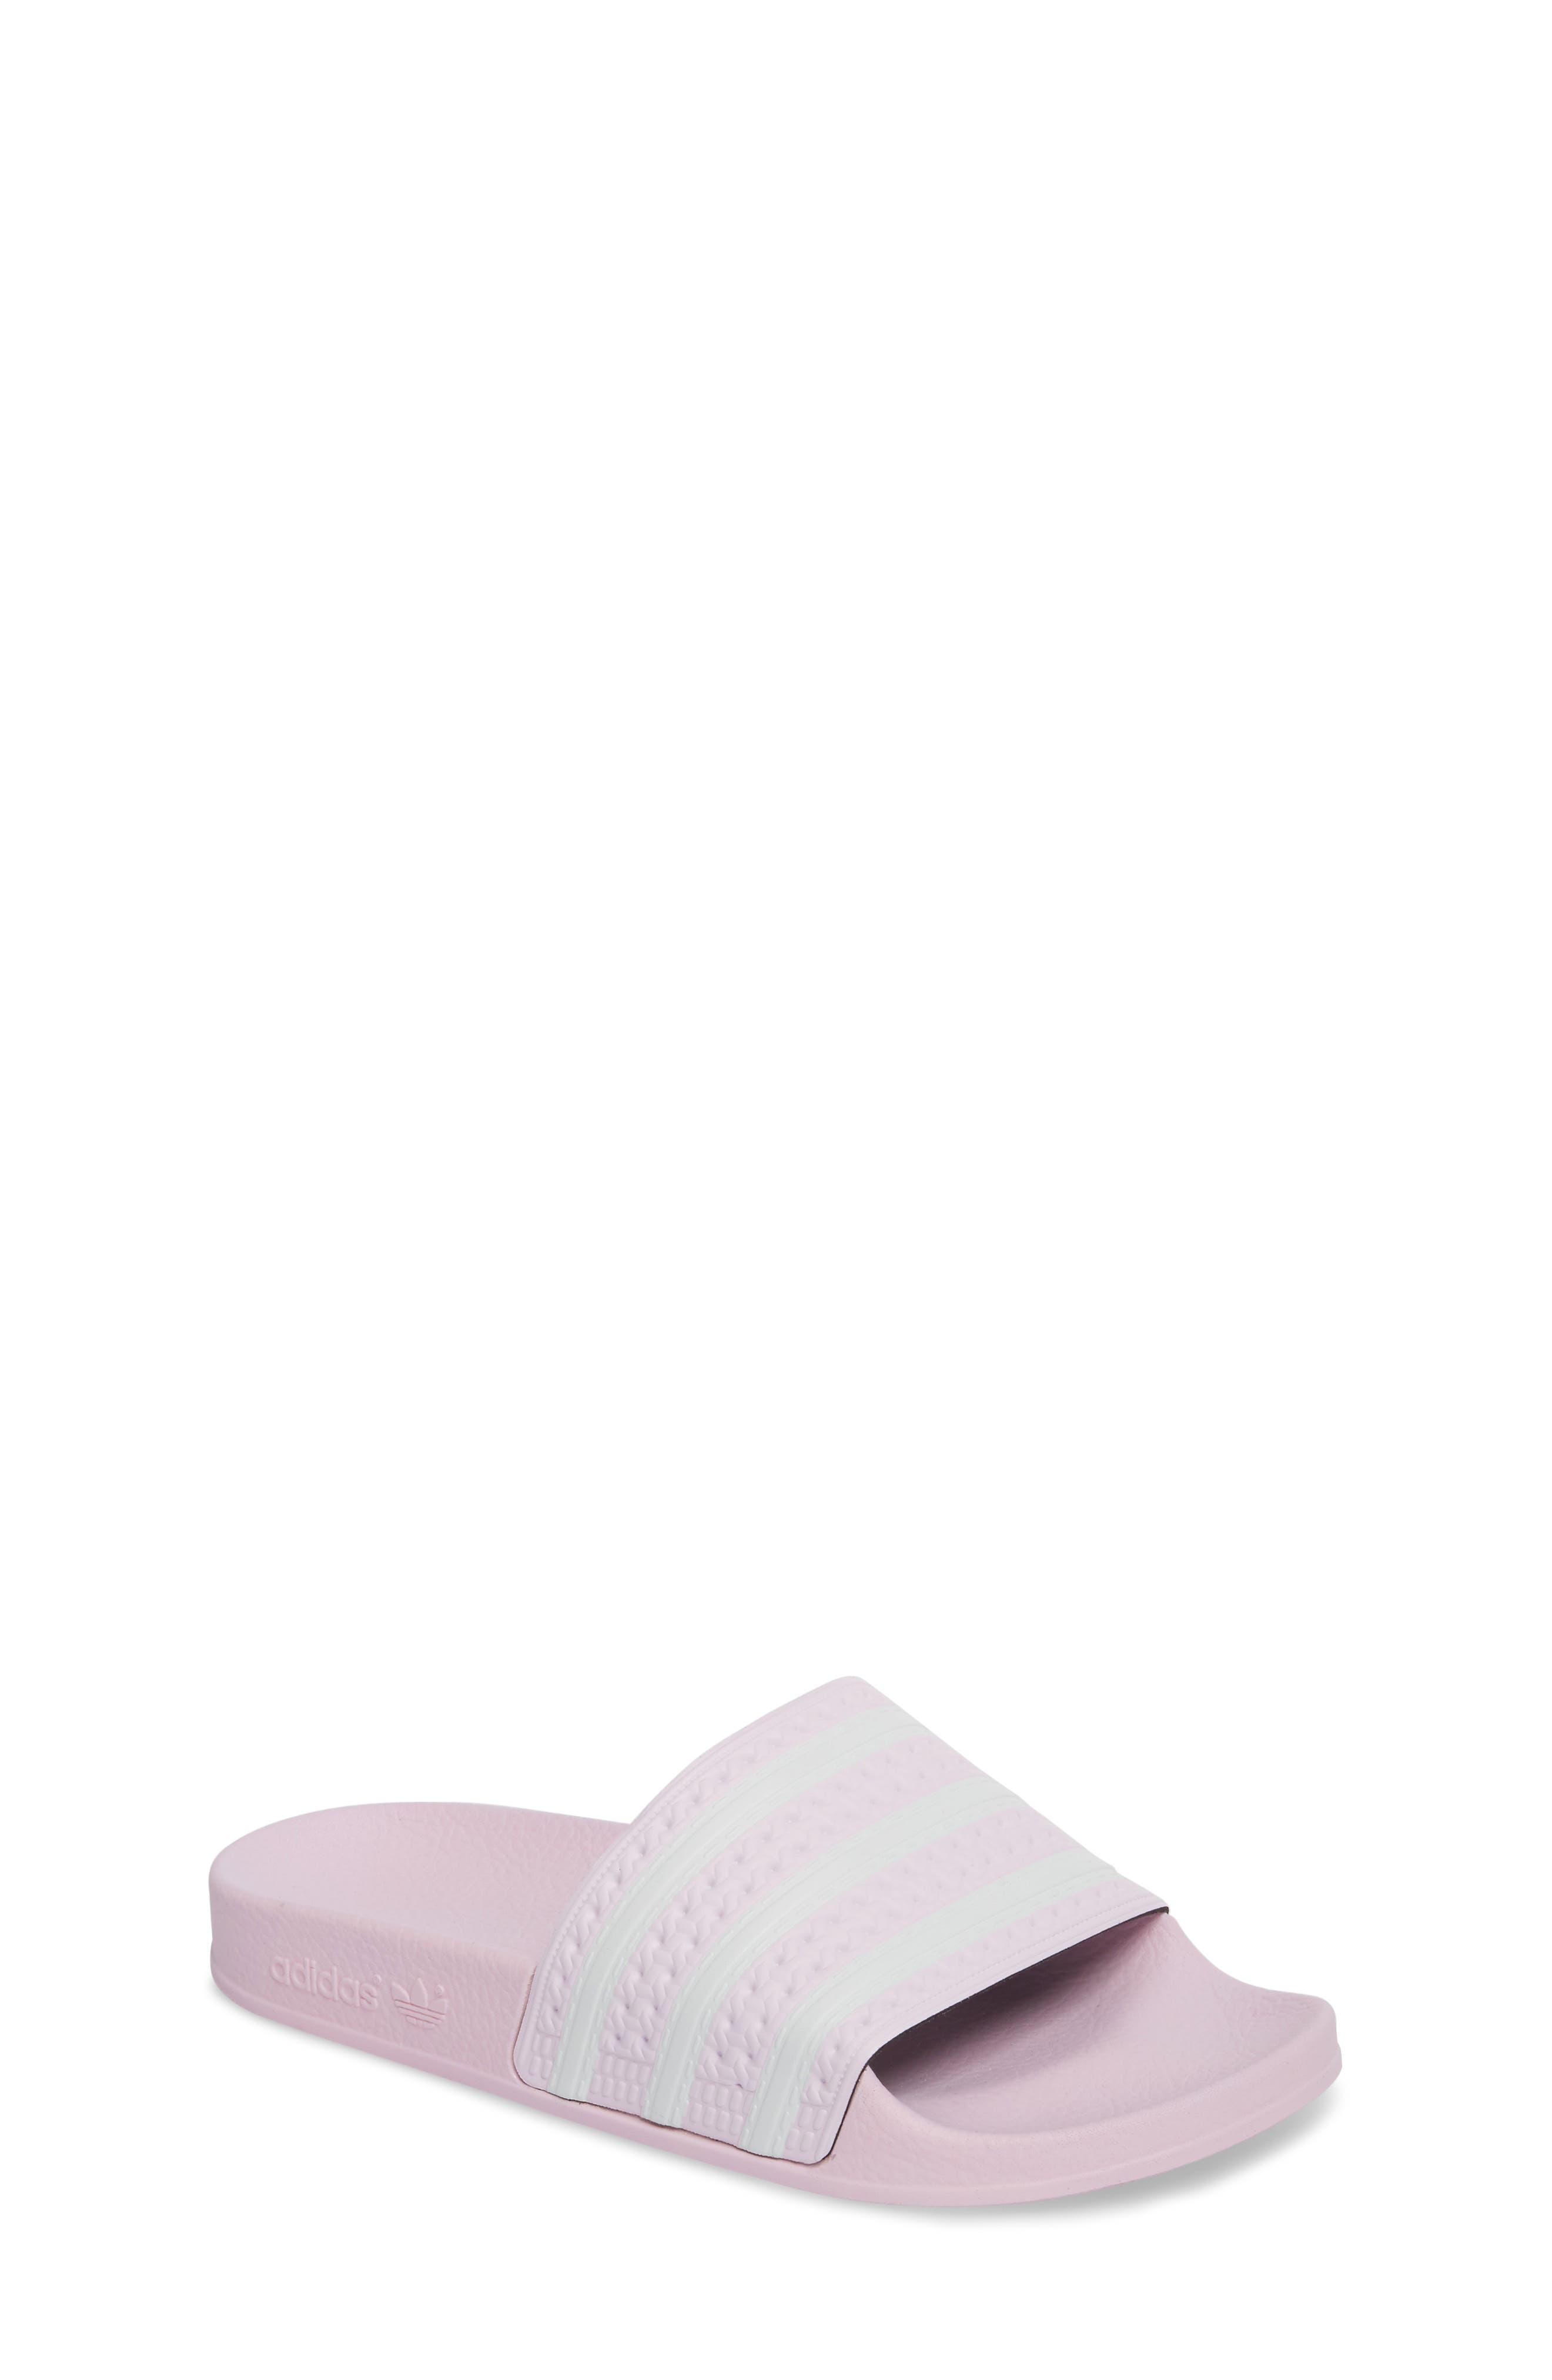 Adilette Sandal,                         Main,                         color, Aero Pink /  Ftwr